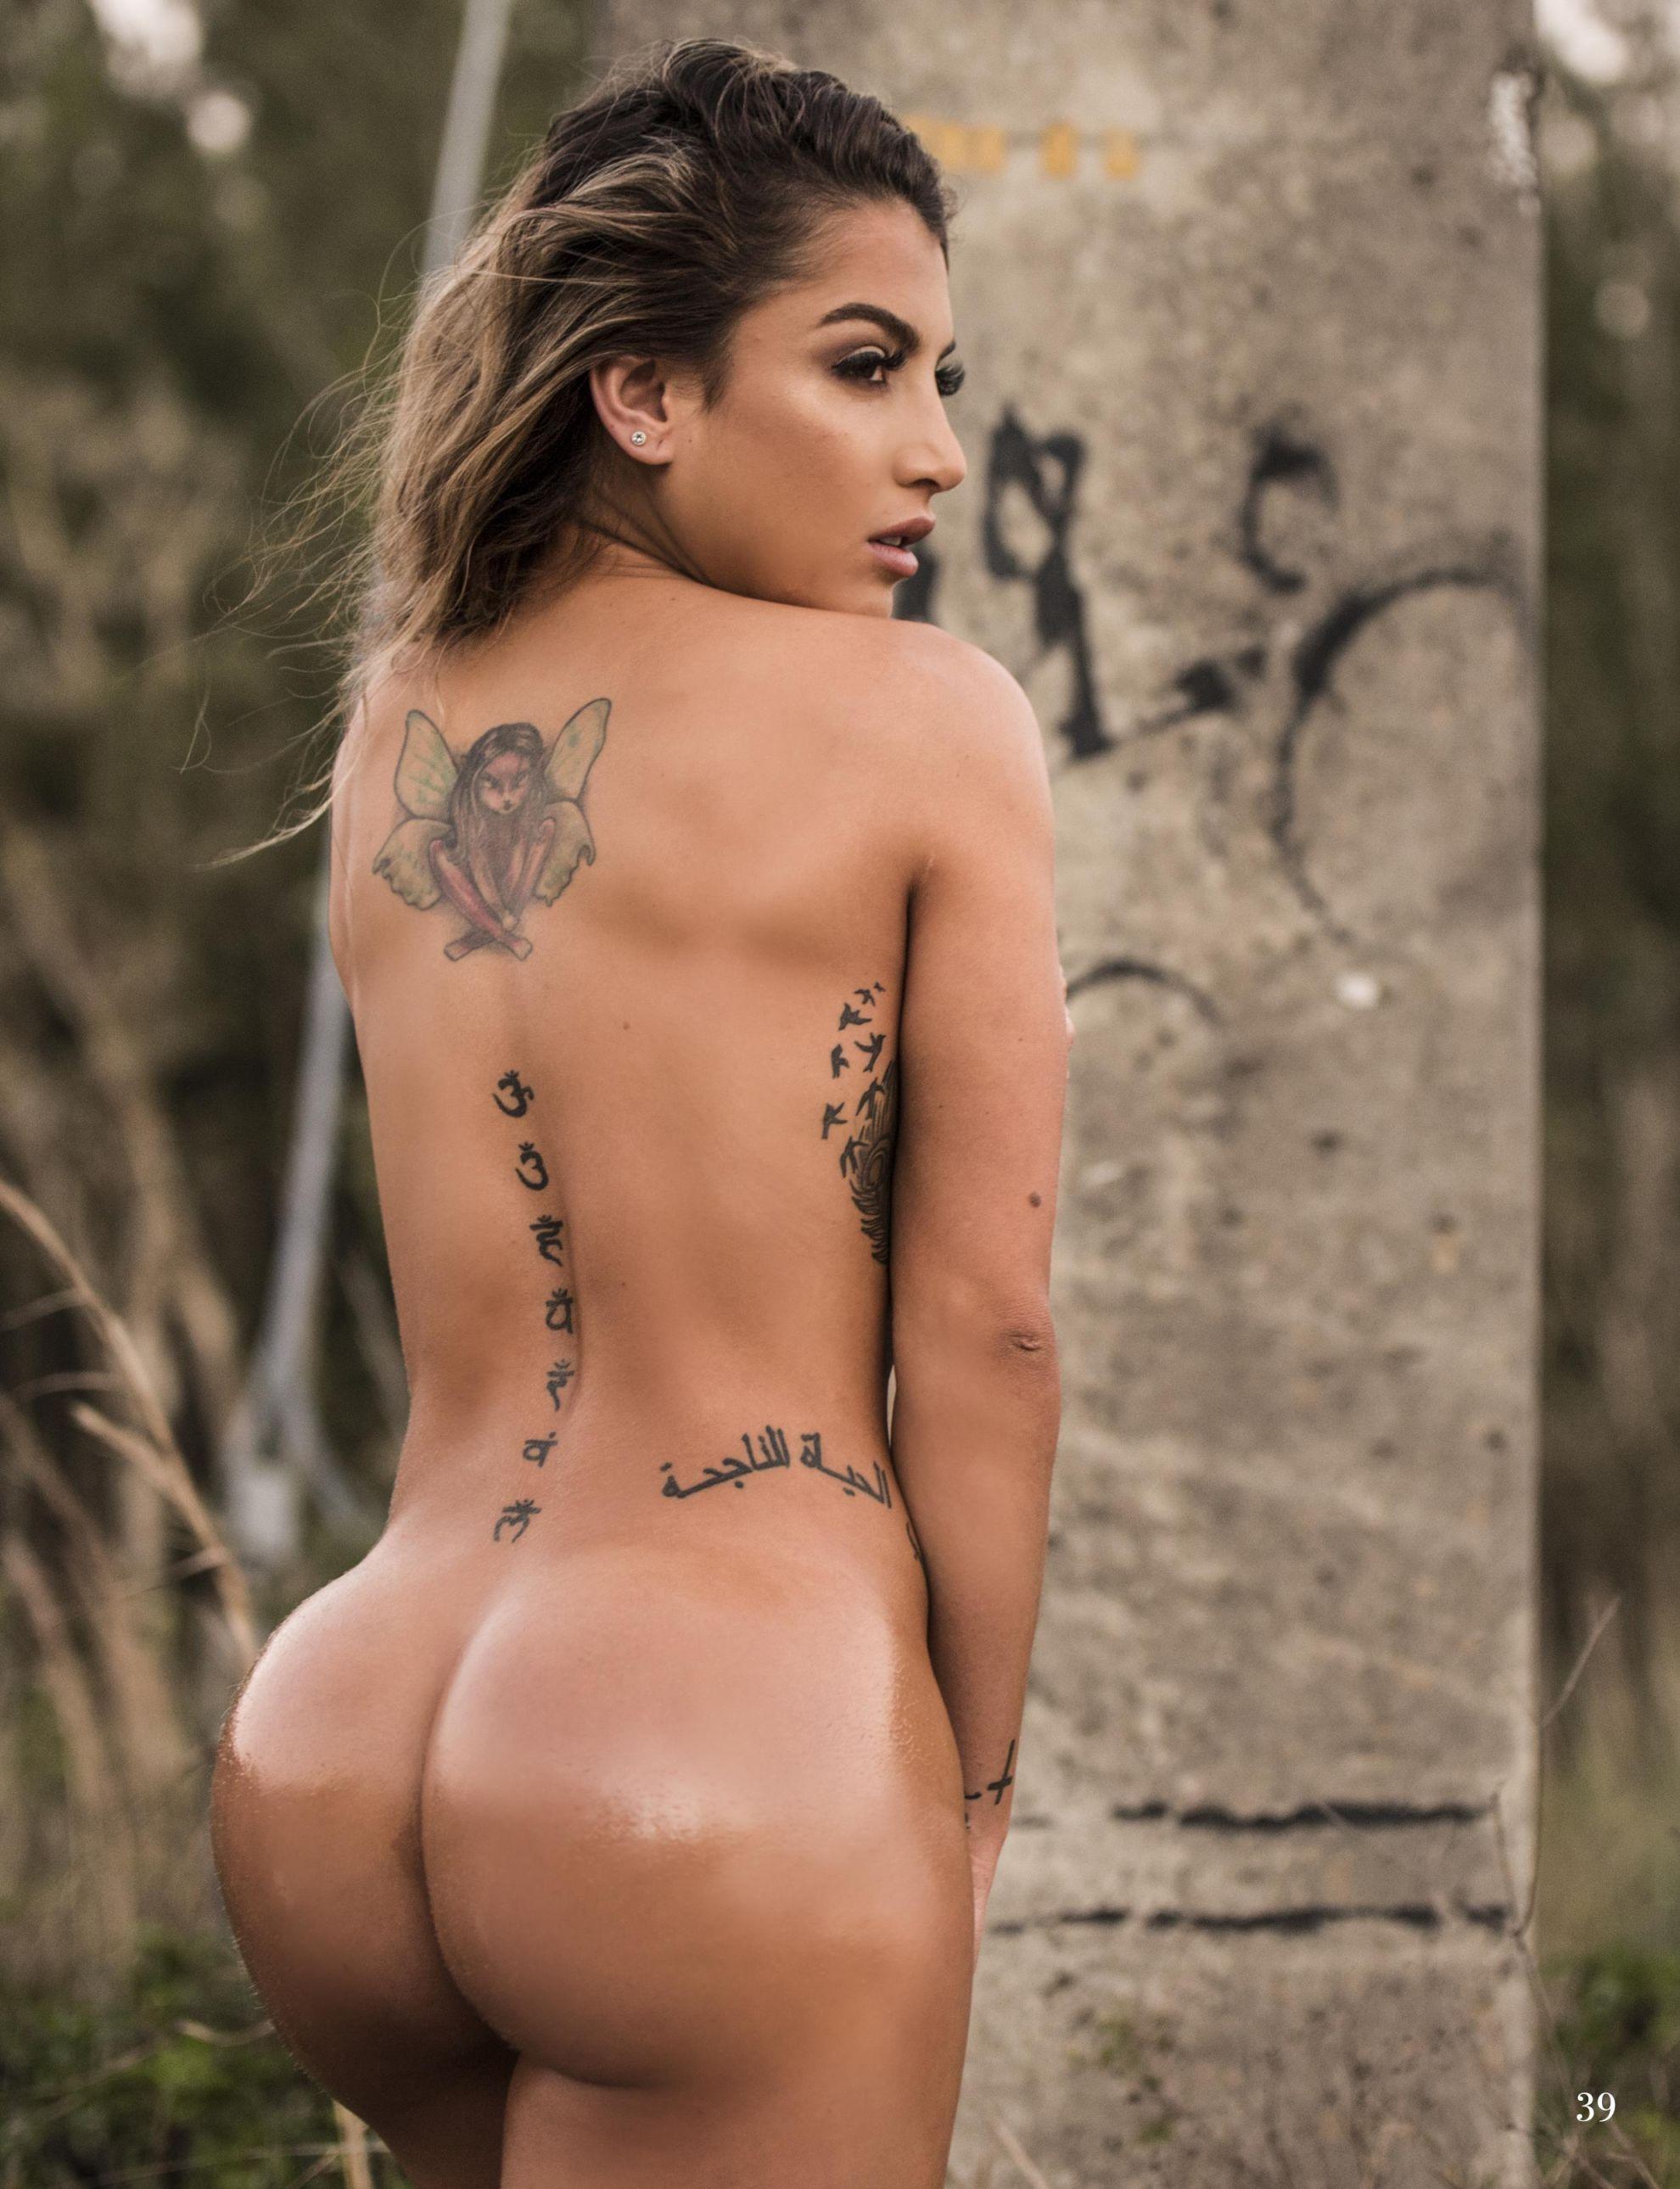 Amor vittone naked